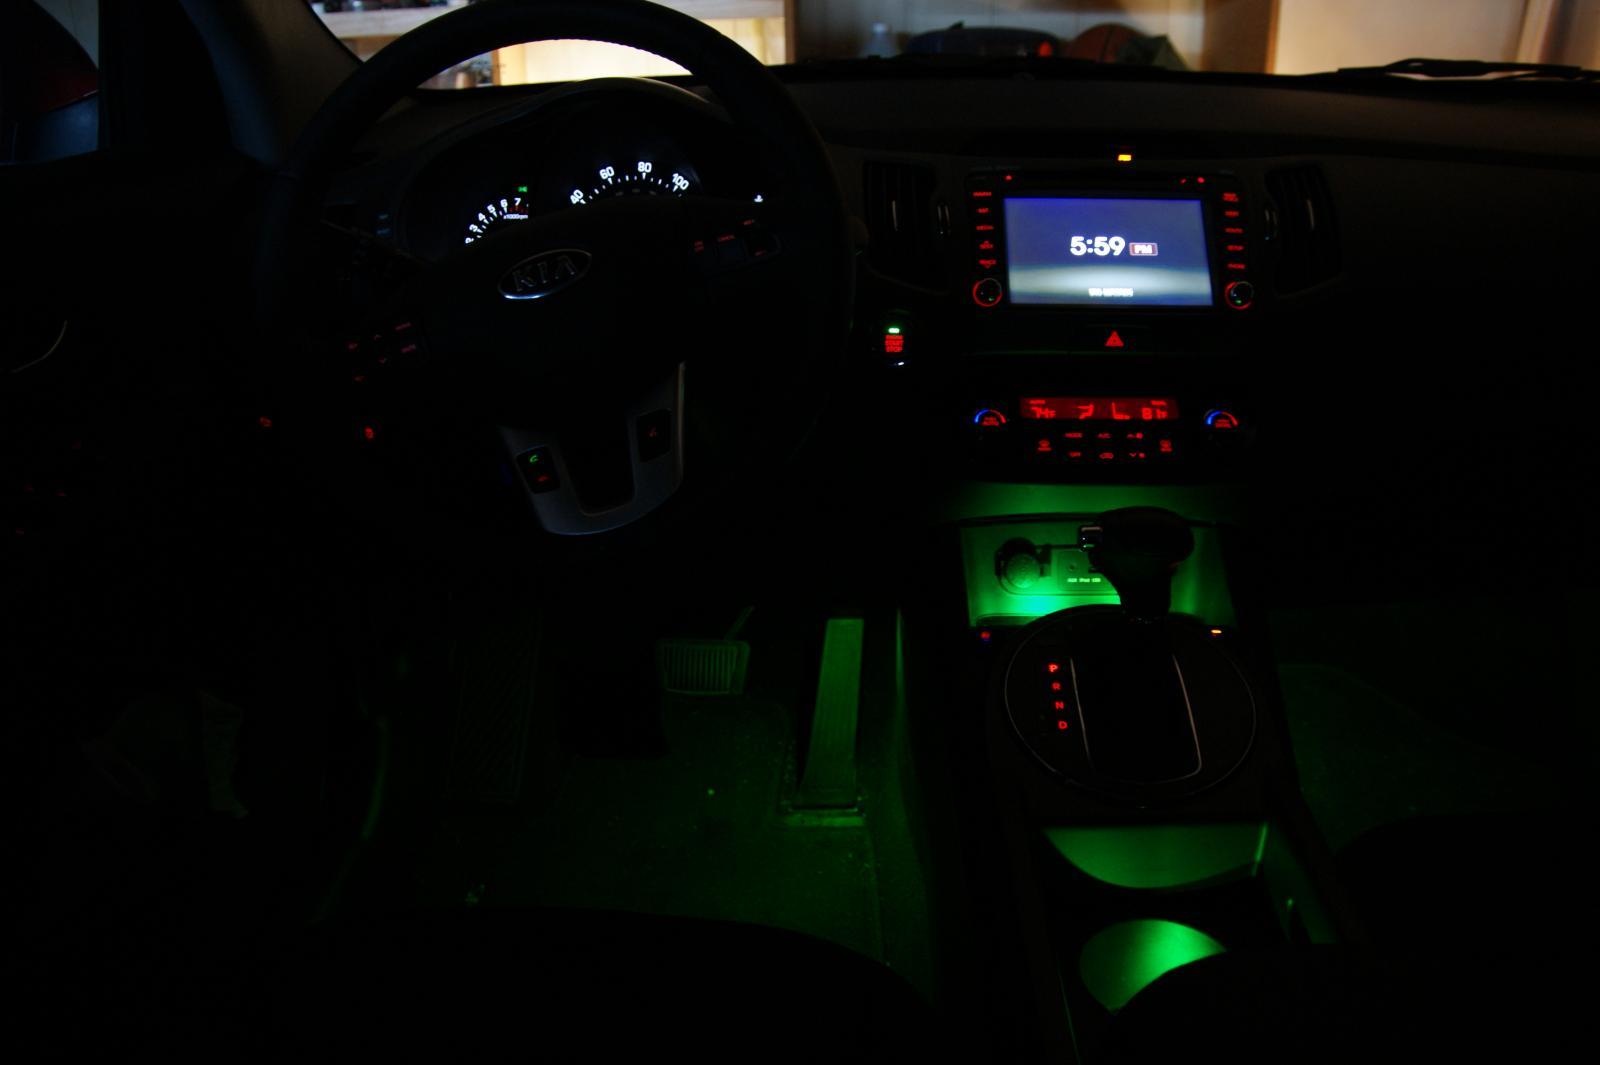 Kia Sorento: Interior lights